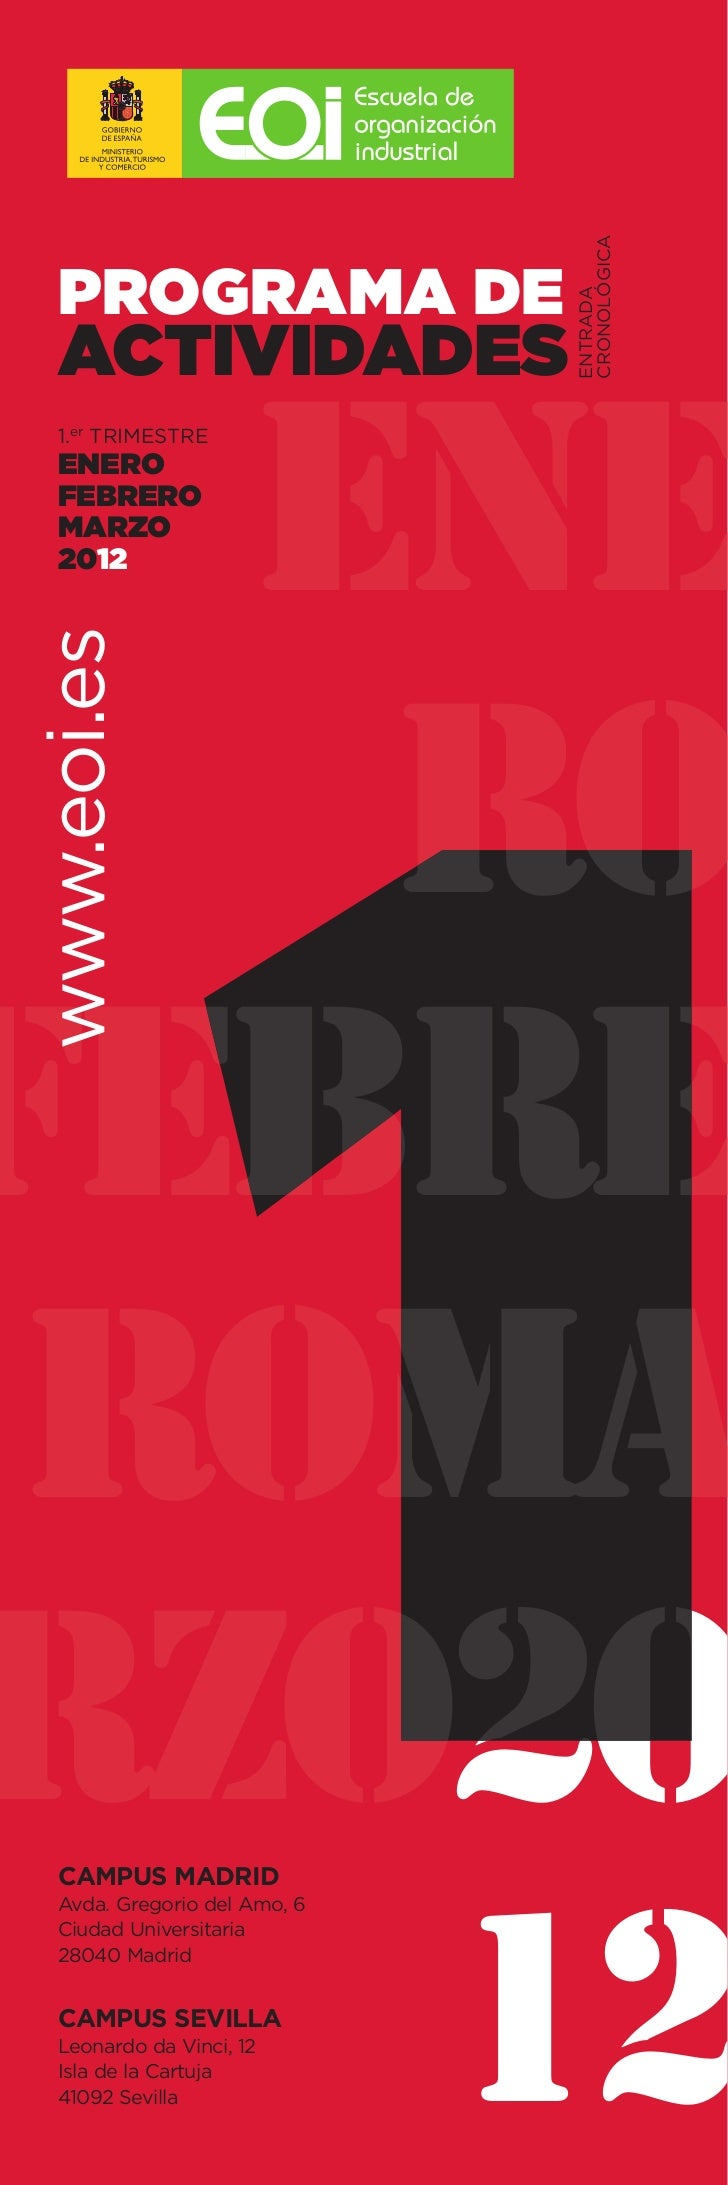 CRONOLÓGICA PROGRAMA DE                             ENTRADA ACTIVIDADES   ene 1.er TRIMESTRE ENERO FEBRERO MARZO 2012www.e...